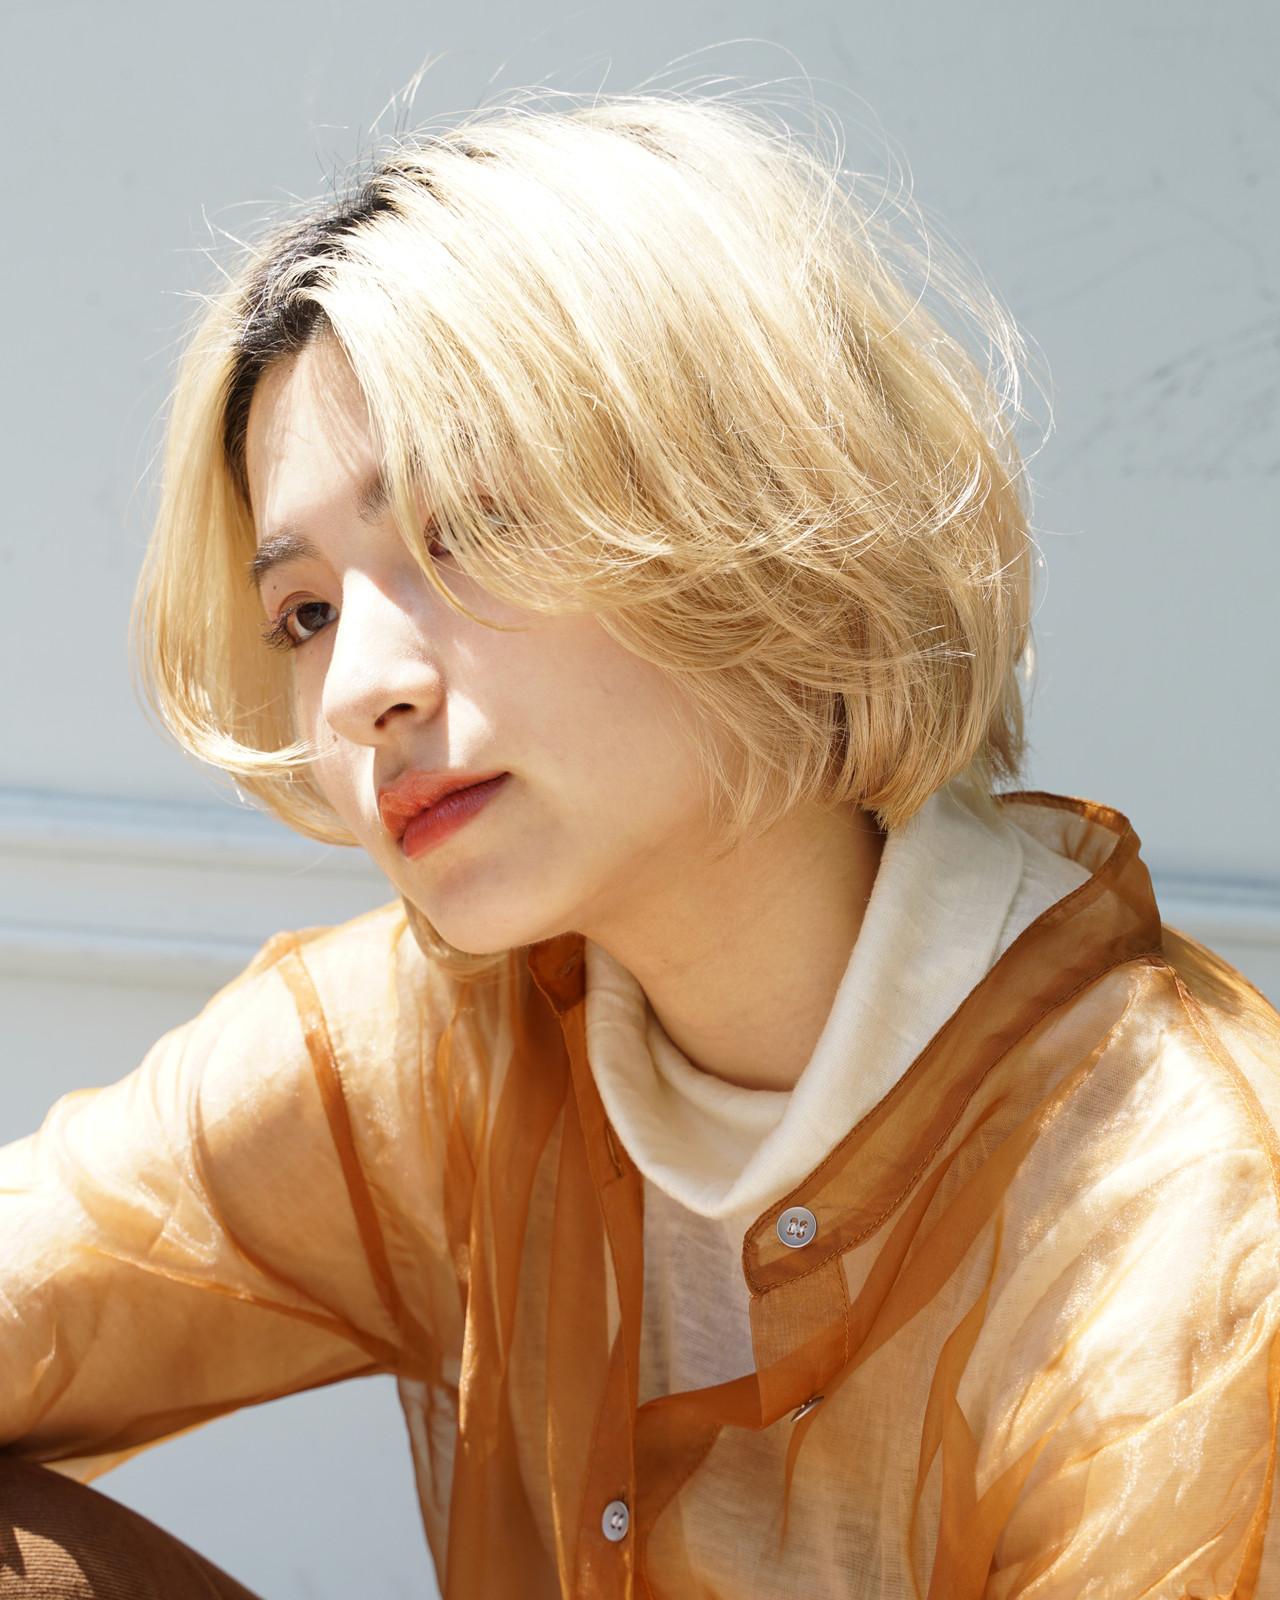 小顔ショート ボブ ブリーチオンカラー モード ヘアスタイルや髪型の写真・画像 | 元橋啓太 / snob